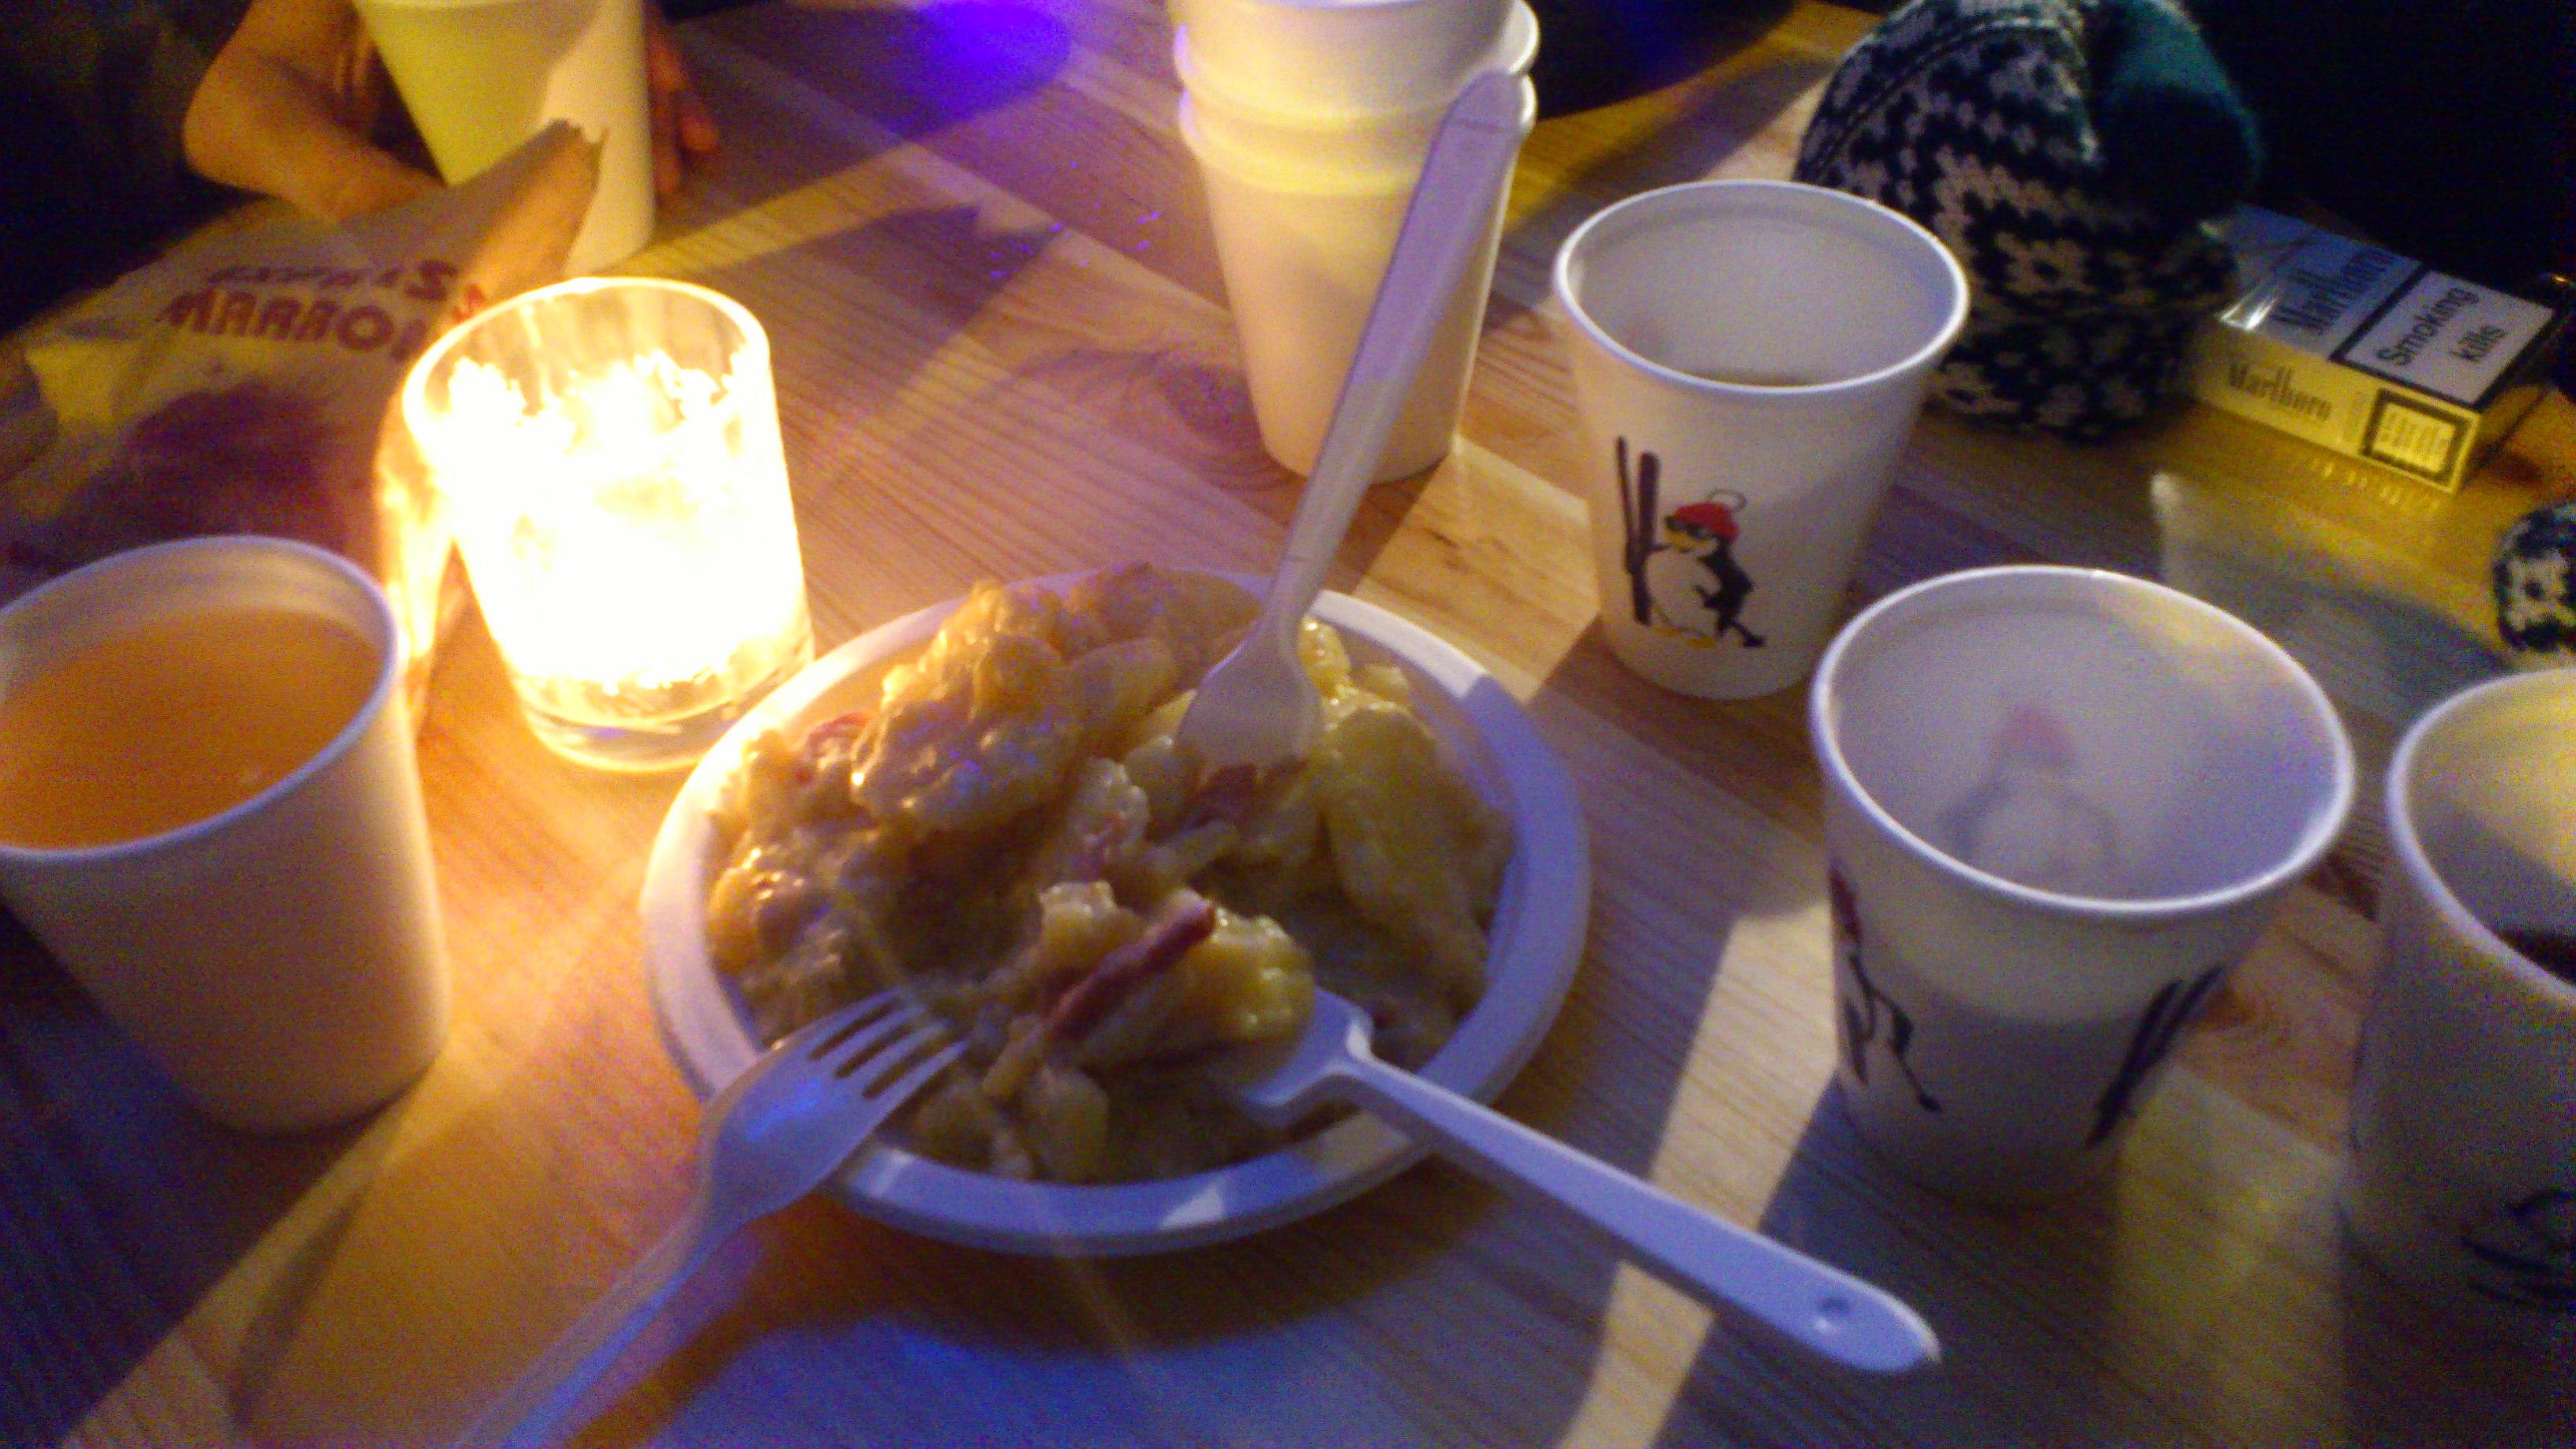 Tomando vino caliente y raclette en puestecitos ambulantes del mercado de Navidad